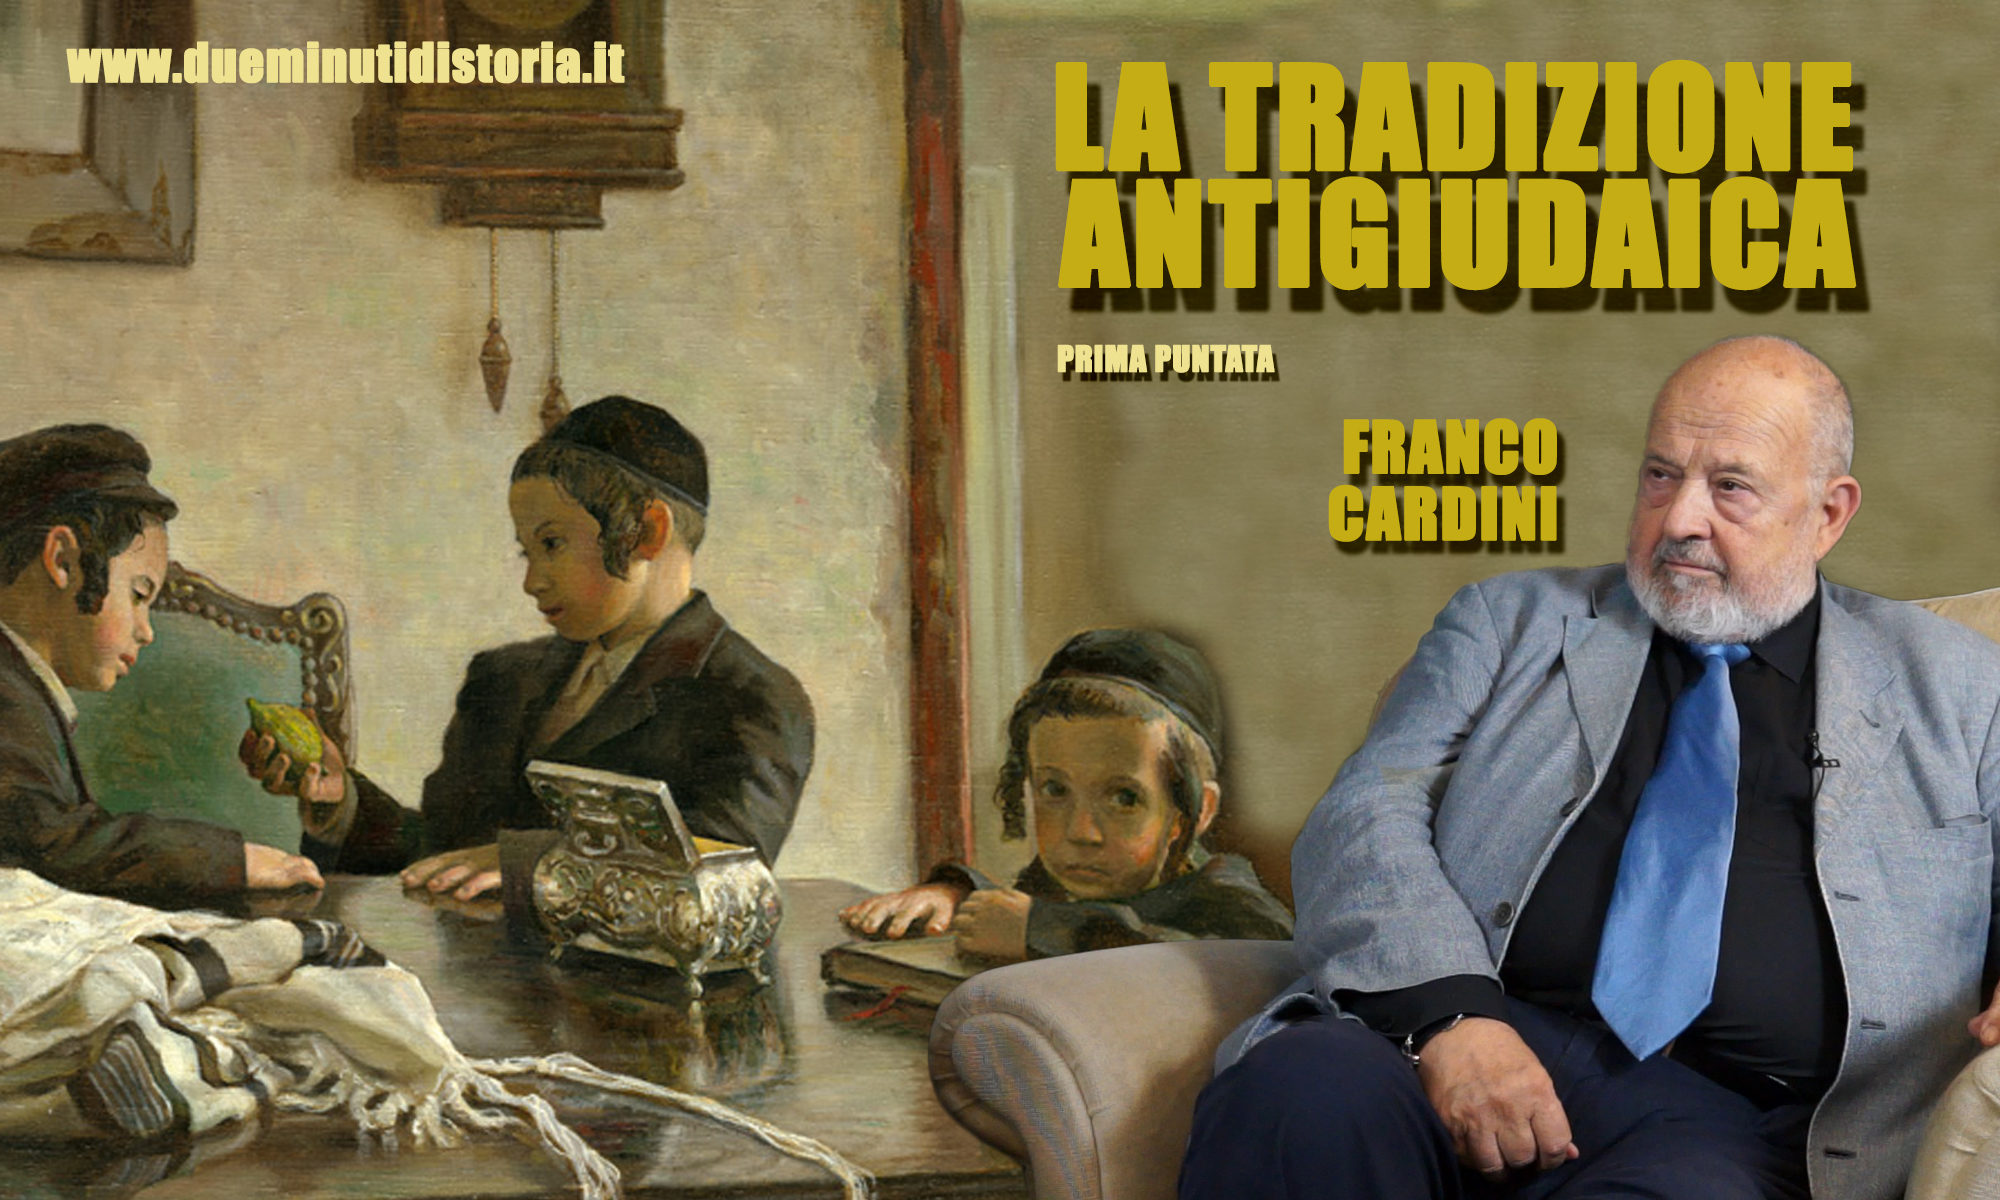 Franco Cardini: «La tradizione antigiudaica»